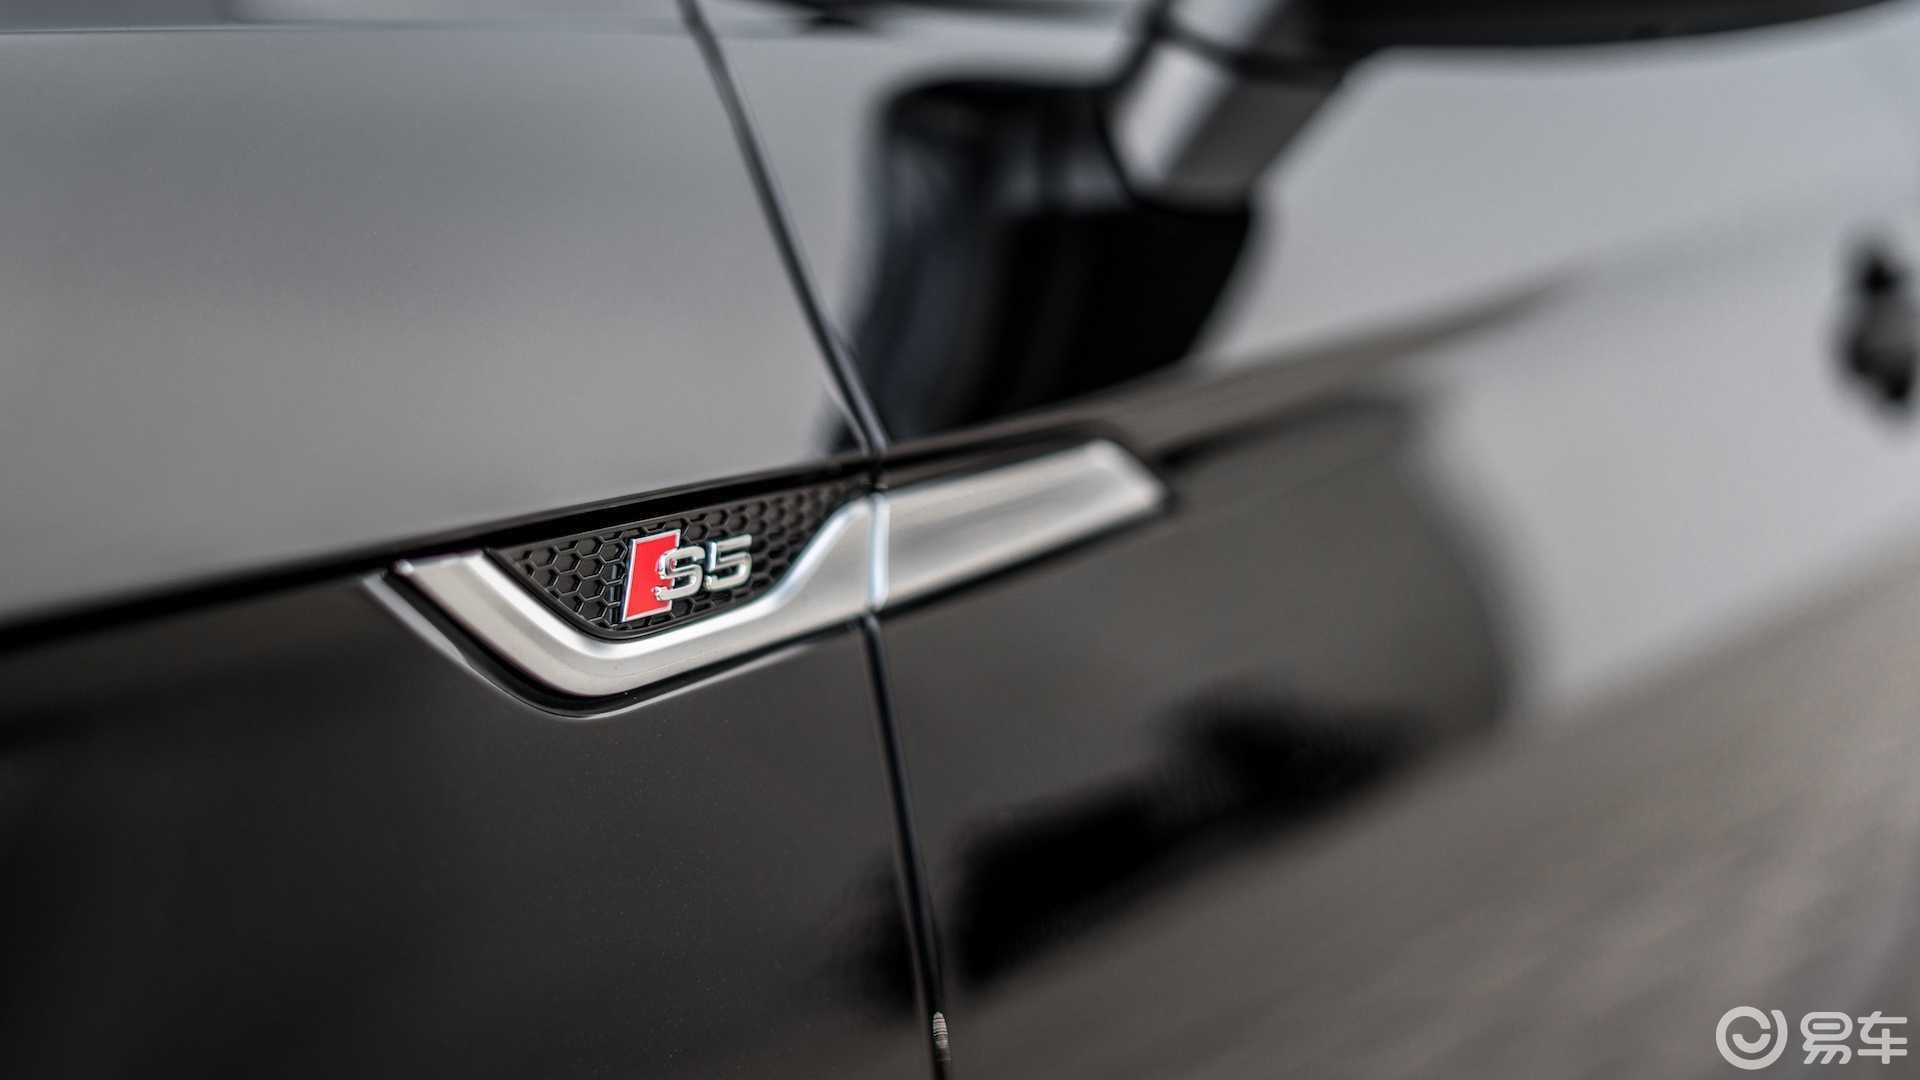 仅限欧洲市场,ABT奥迪S5 Sportback柴油版